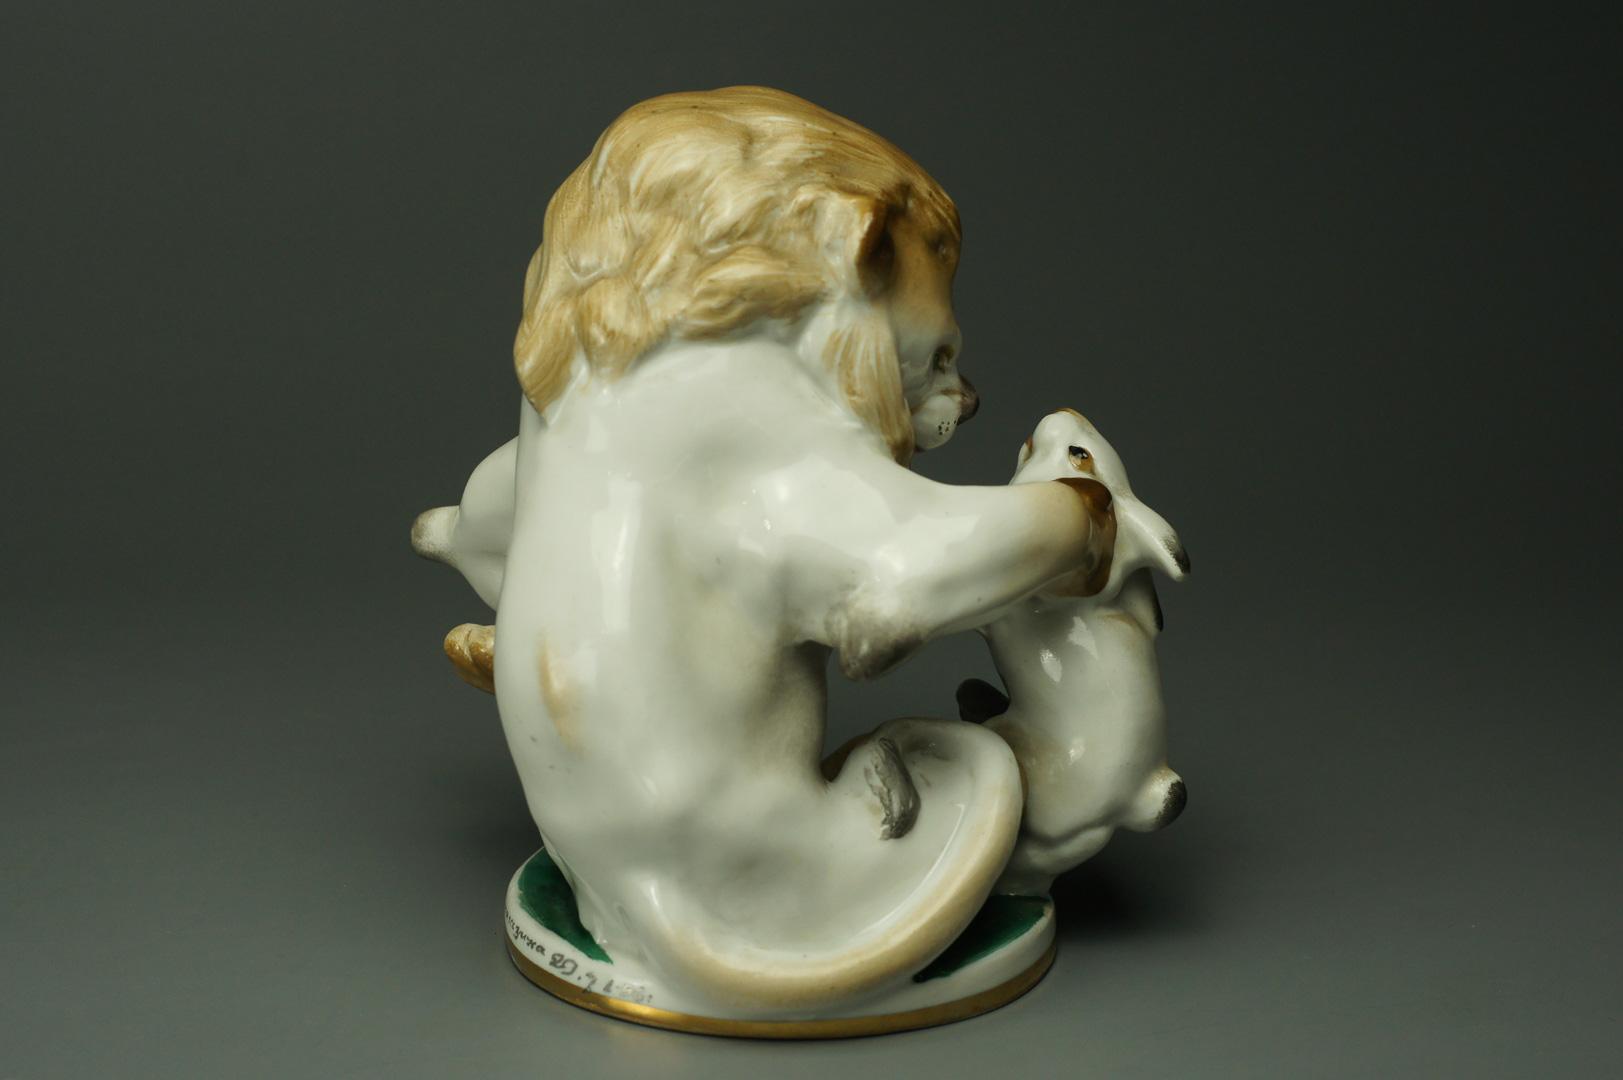 Статуэтка Лев и Заяц (Заяц во хмелю)